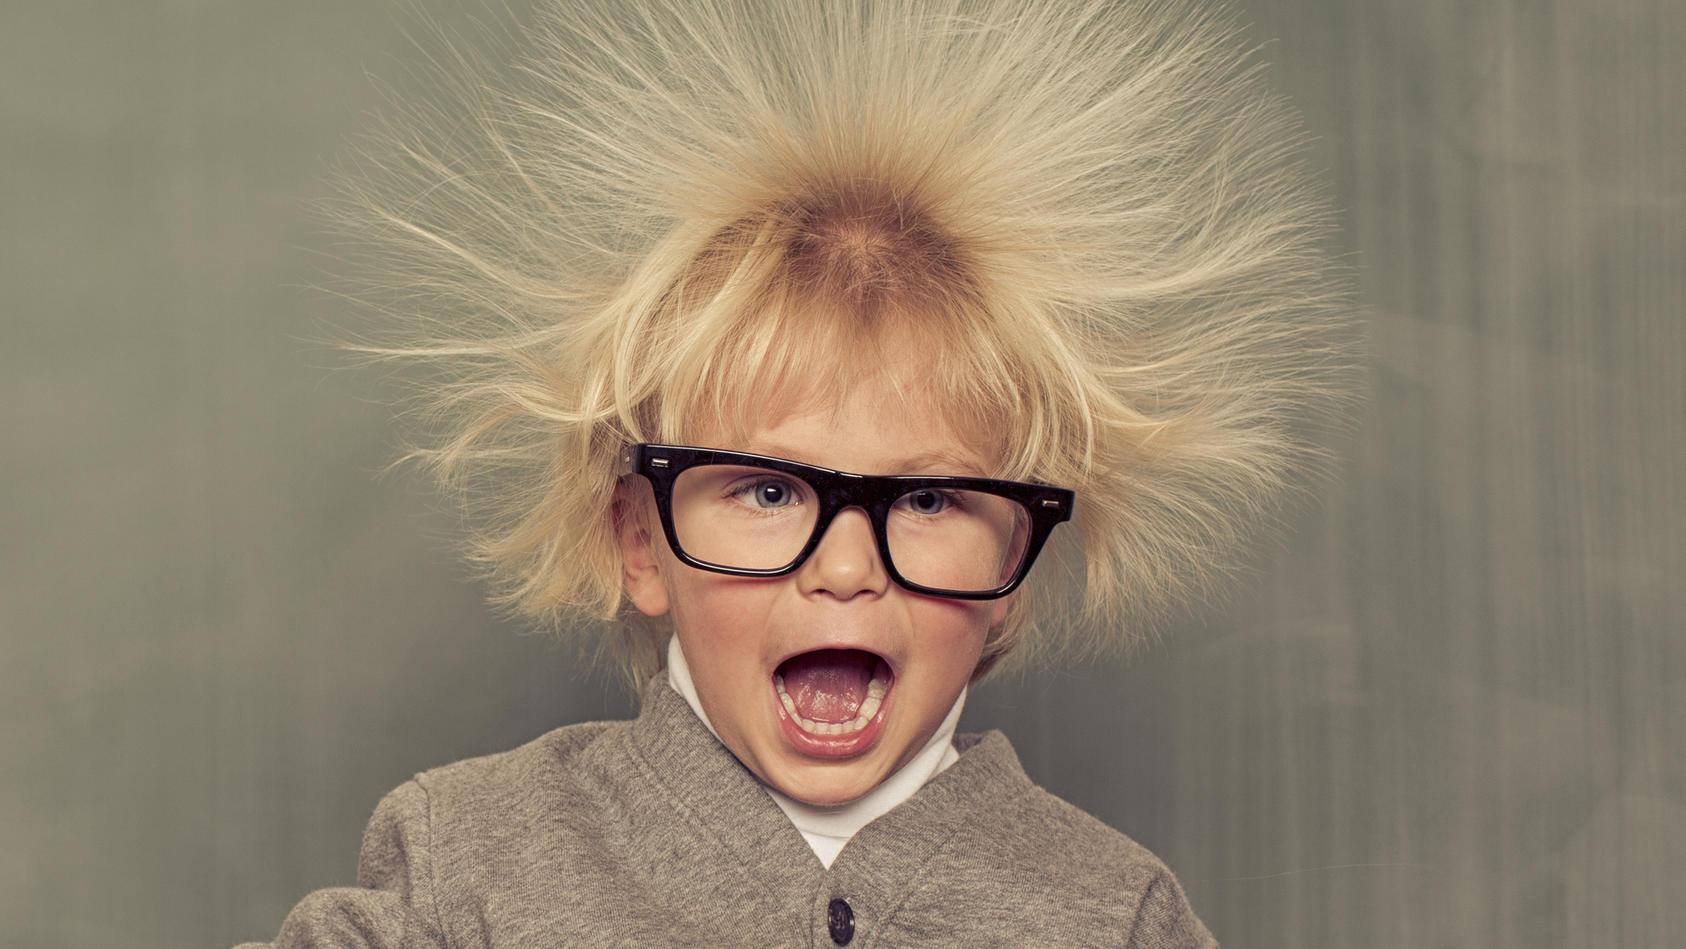 Elektrisierte Haare können einen in den Wahnsinn treiben. Wir zeigen wichtige Tricks.